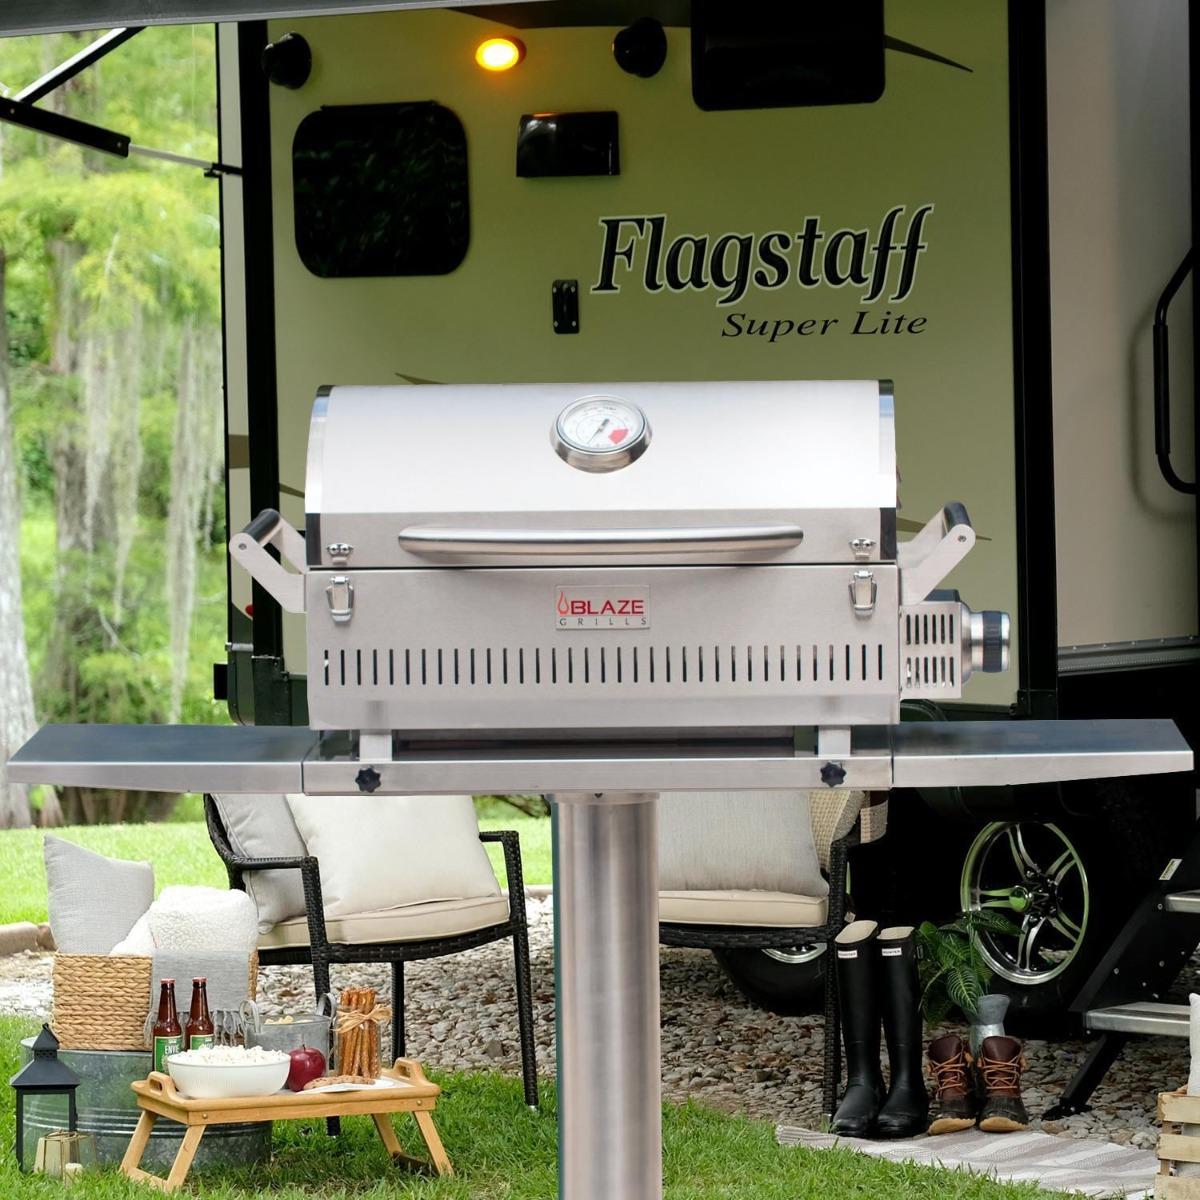 Blaze Professional LUX Portable Propane Gas Grill On Pedestal With Side Shelves - blz-1pro-prt-lp+blz-prtped-17+blz-prtped-ss